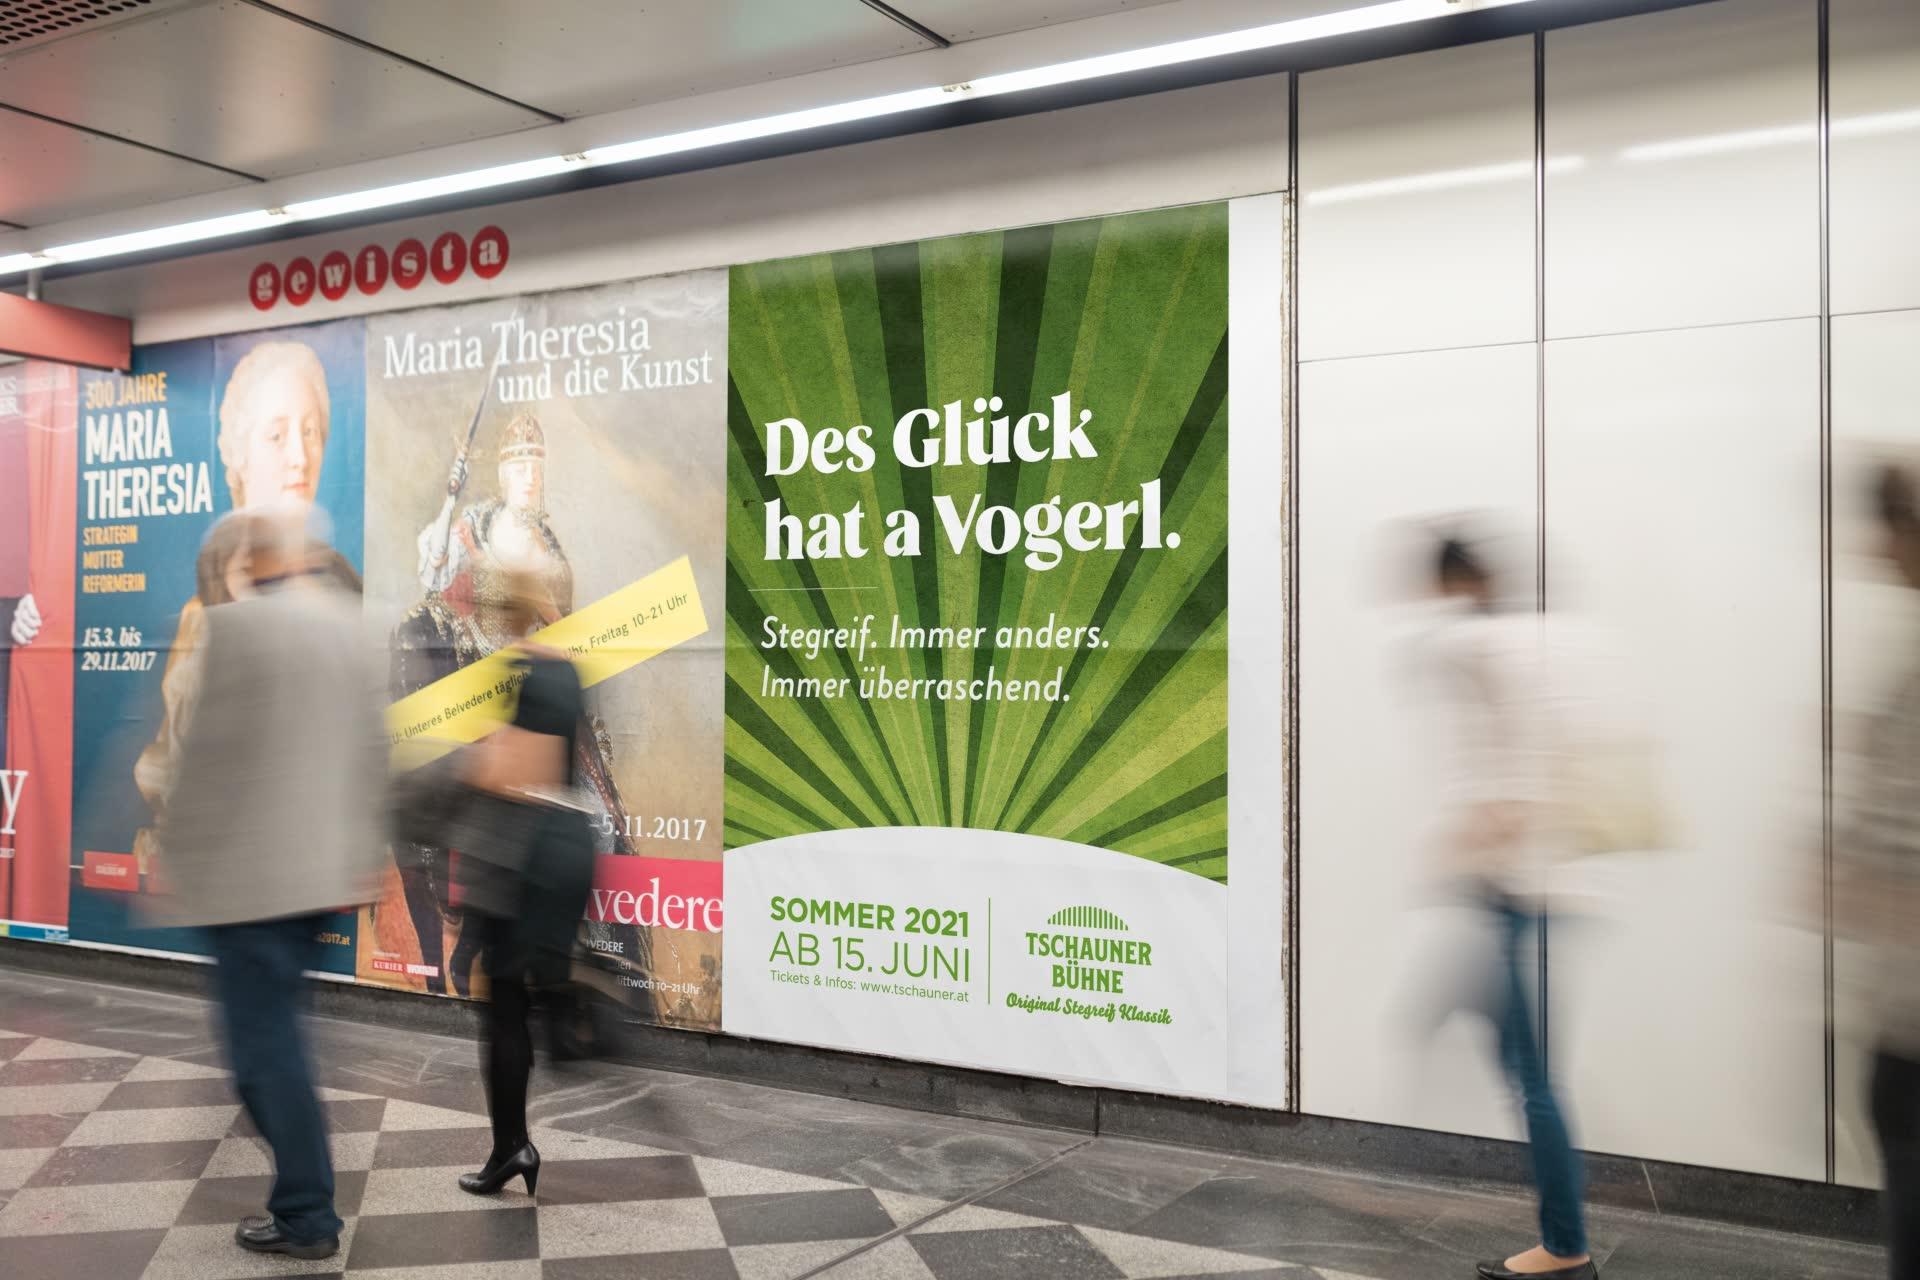 TB_Original-Stegreif-Klassik_U-Bahn_Poster-2_lowRes